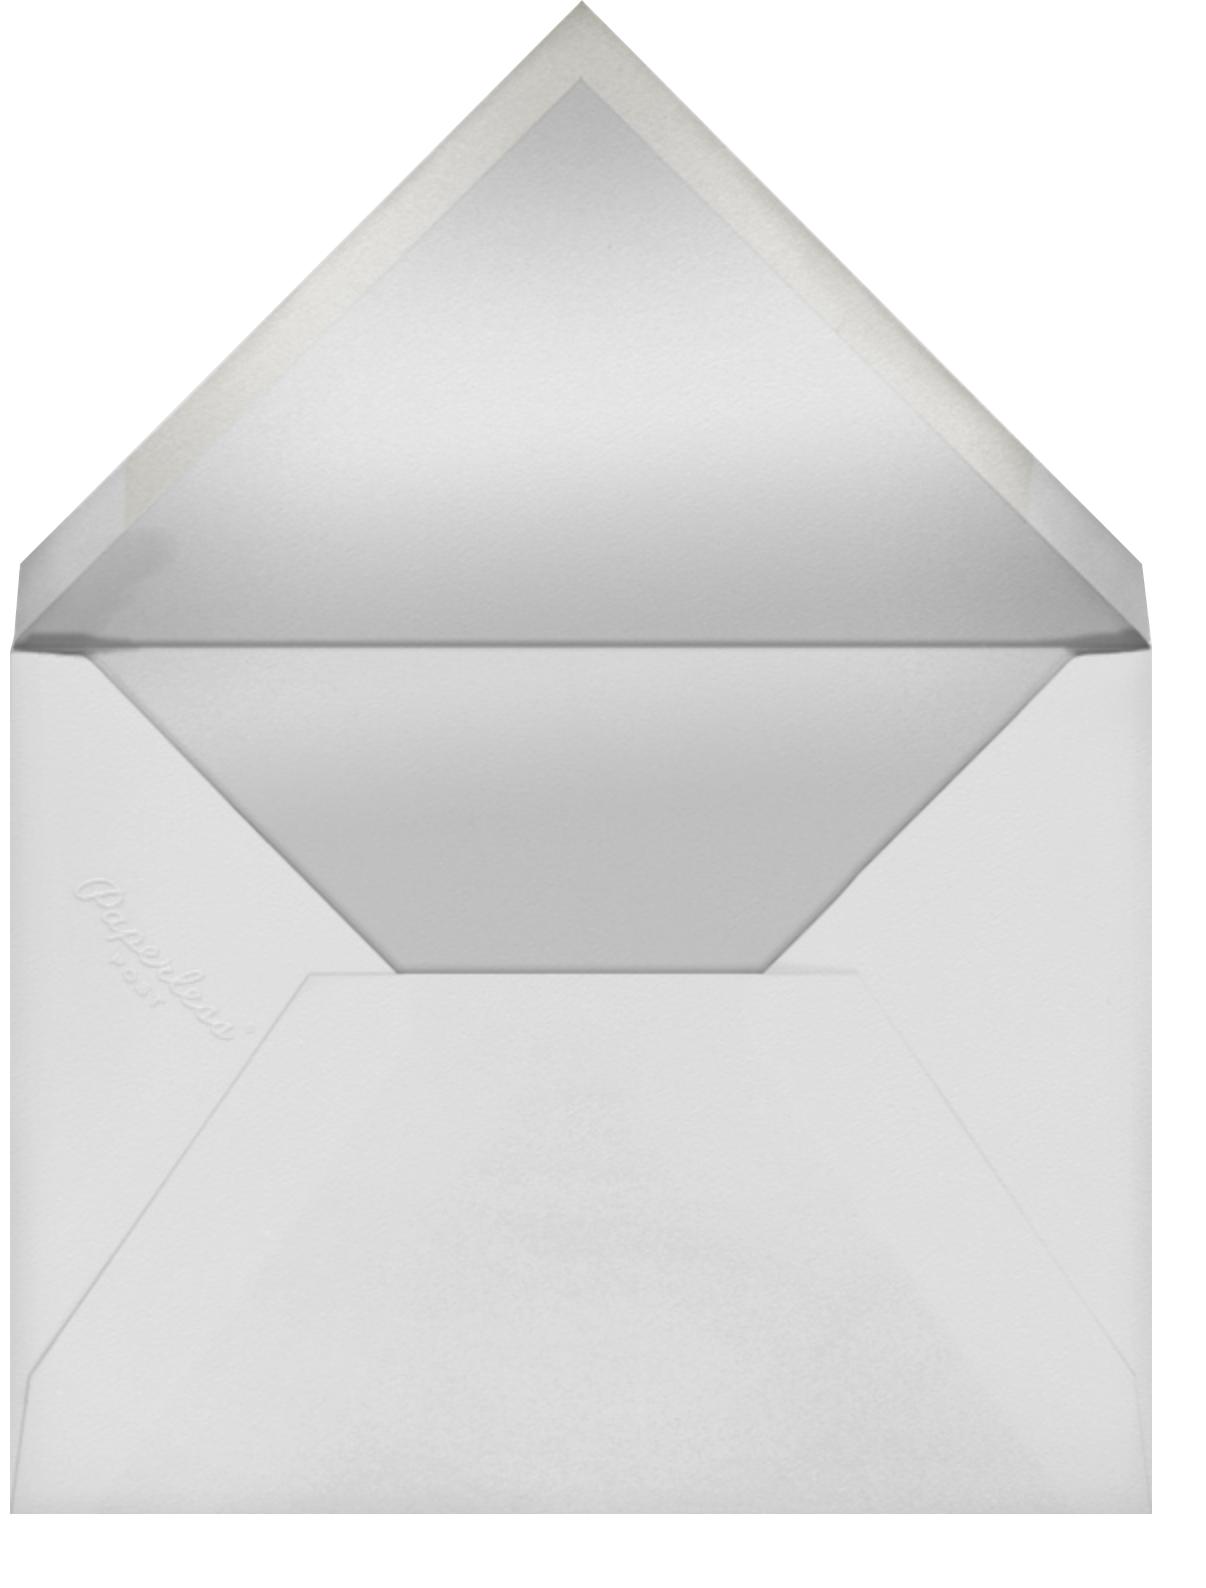 Lodden (Menu) - Gray - Liberty - Menus - envelope back